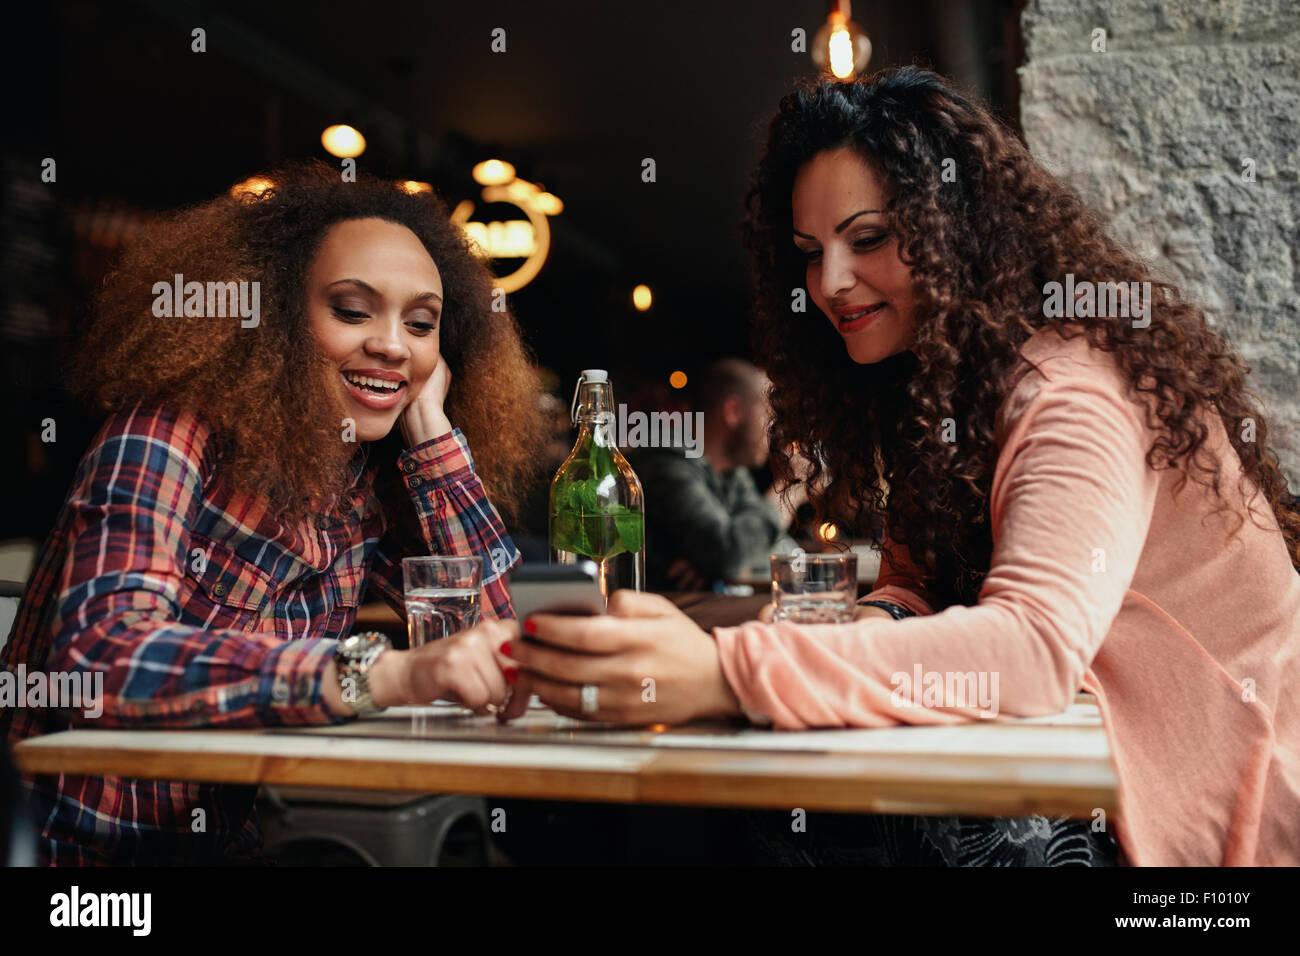 Ritratto di giovane donna seduta al cafe utilizzando il telefono cellulare. Due ragazze giovani la lettura di un Immagini Stock